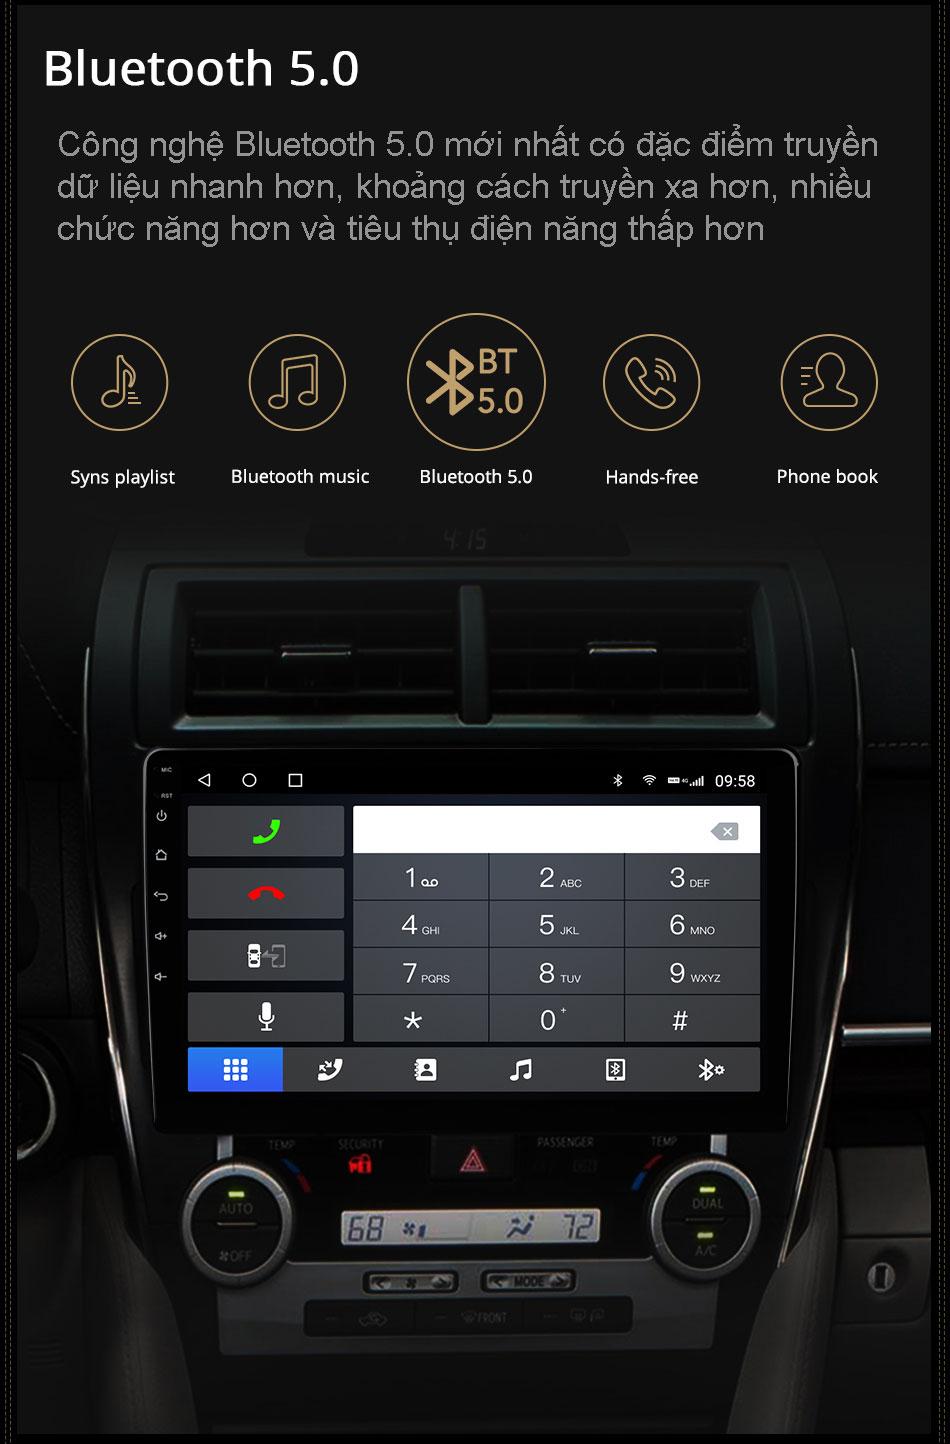 Bluetooth 5.0 trên đầu android ô tô